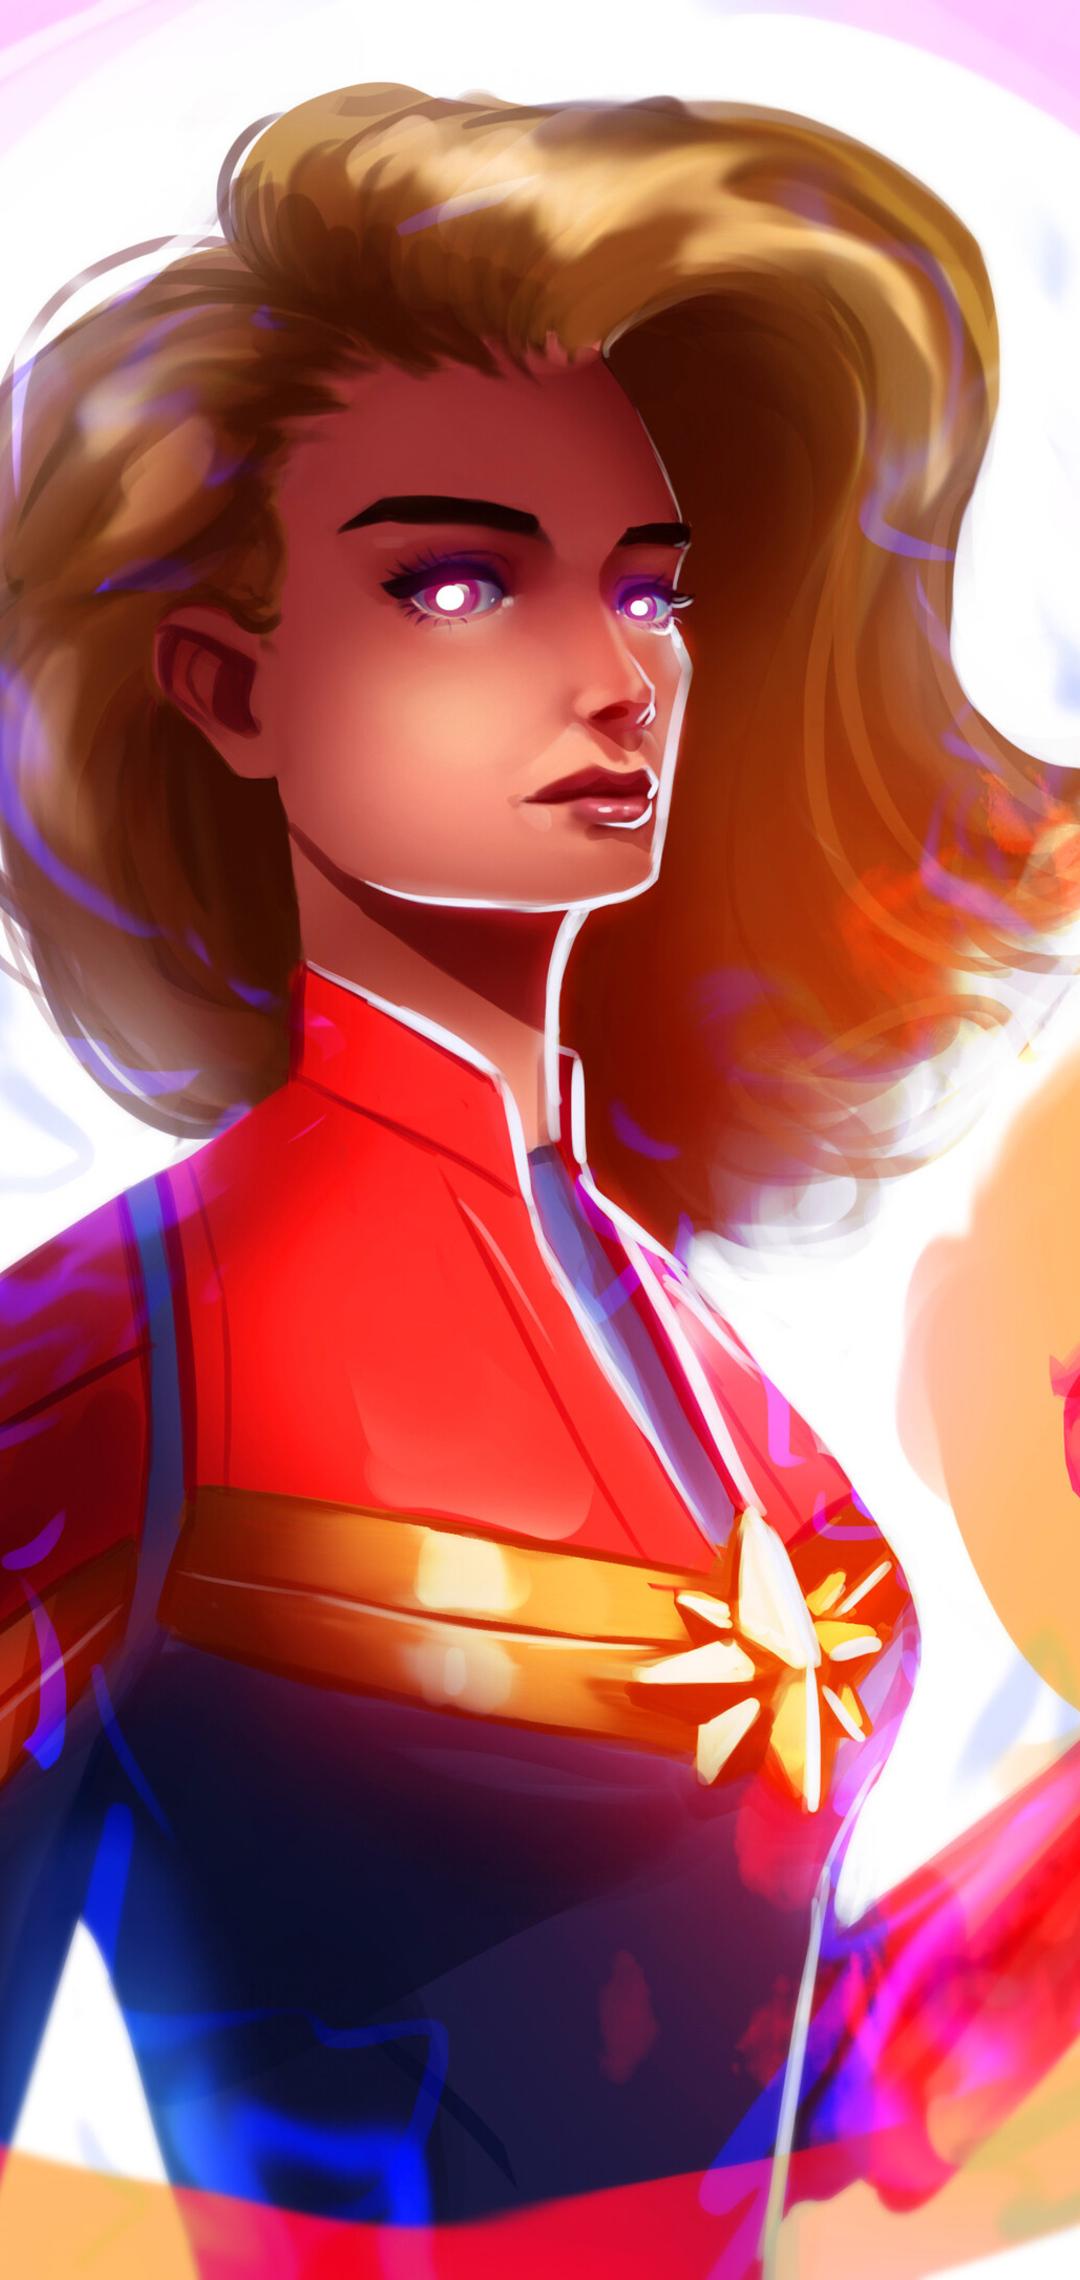 captain-marvel-avengers-endgame-art-ek.jpg